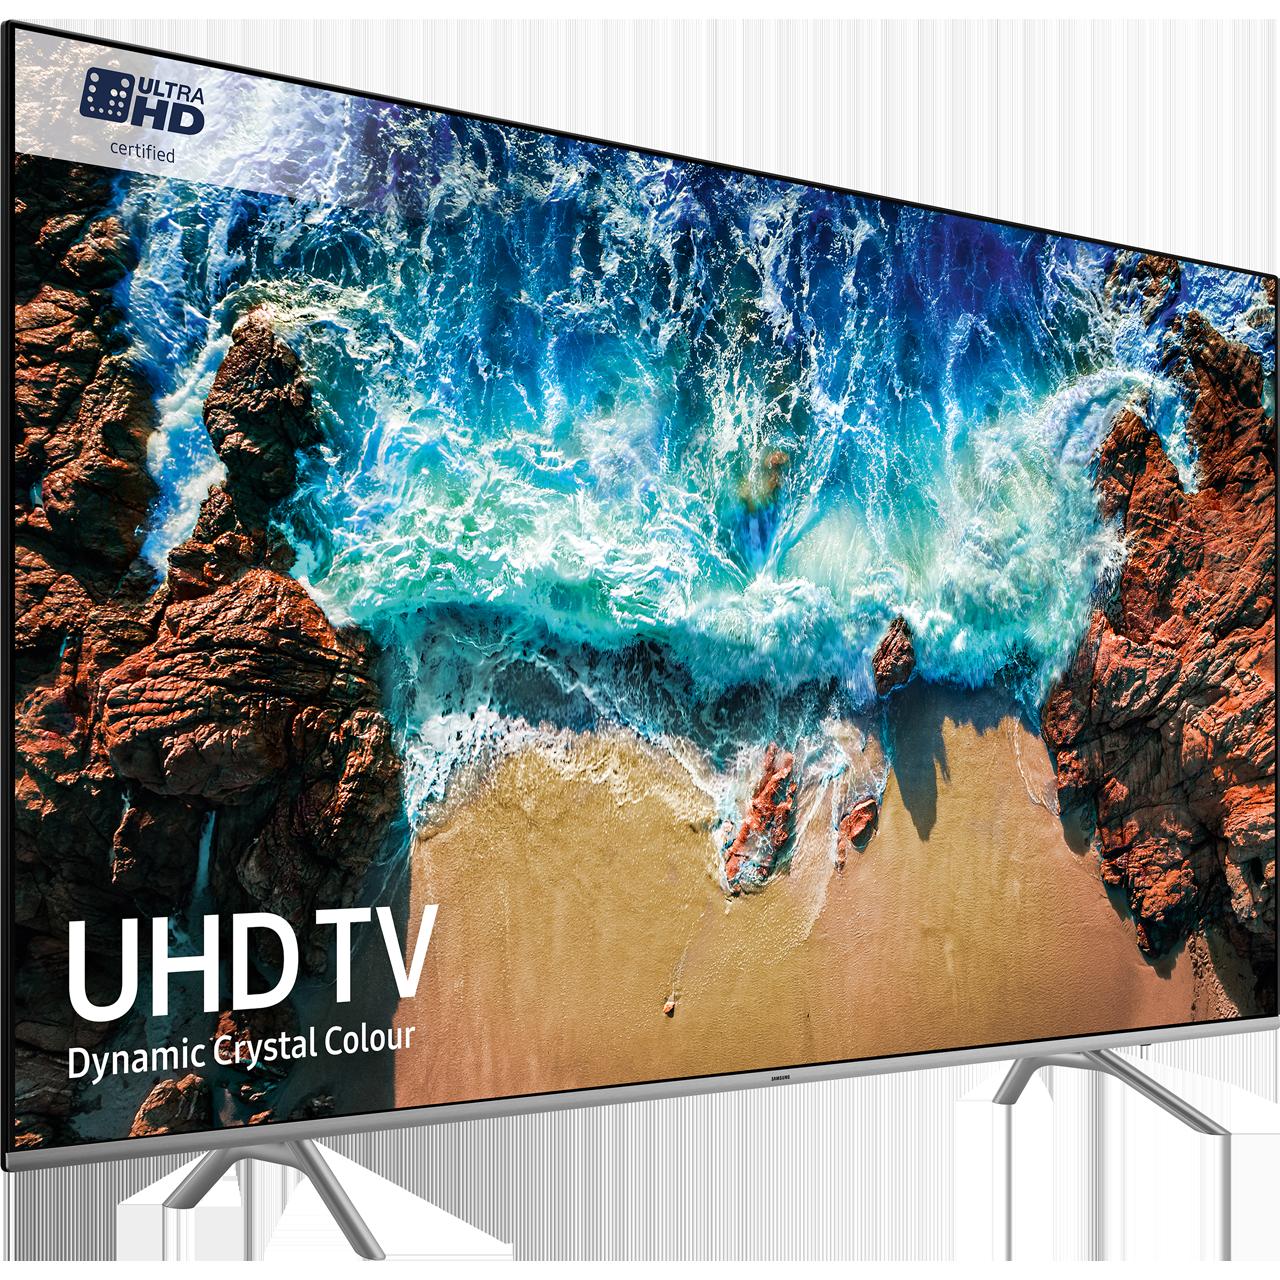 Ue82nu8000 Samsung Led Tv 82 Inch Ao Com Smart Tv Uhd Tv Led Tv